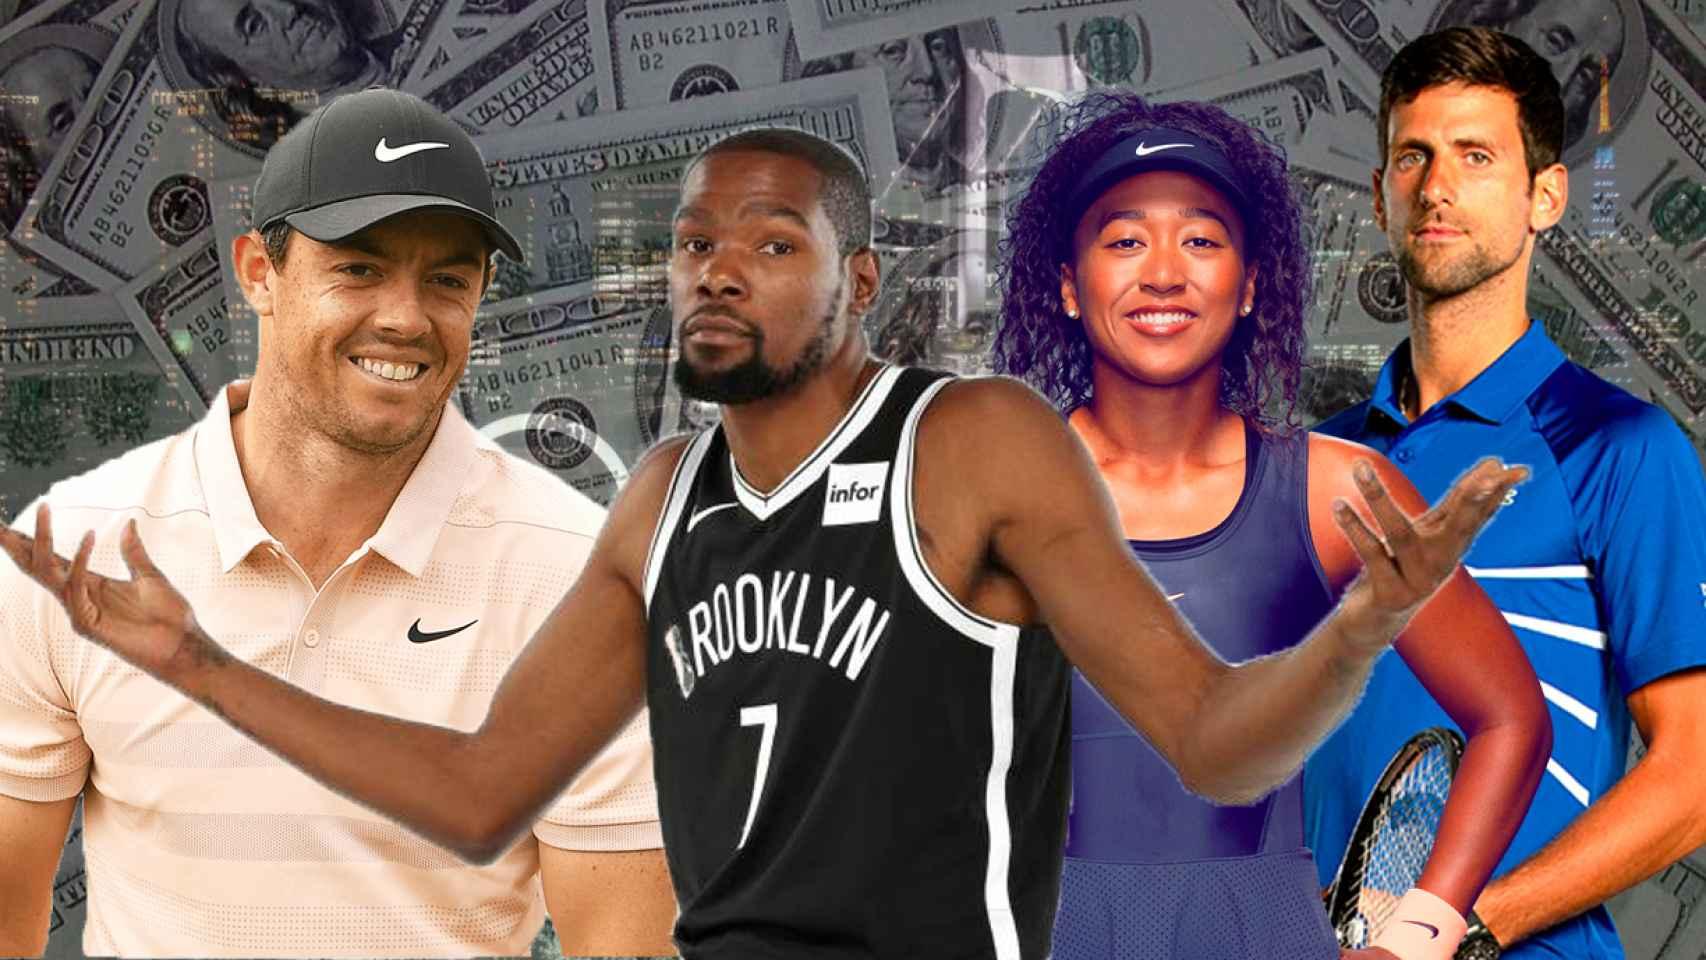 Los atletas mejores pagados de los Juegos Olímpicos